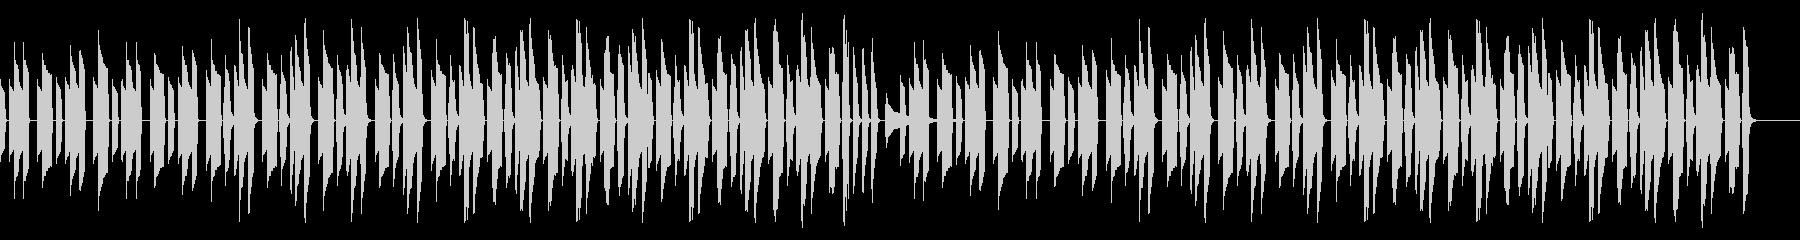 ピタゴラスイッチっぽいののんきなBGMの未再生の波形